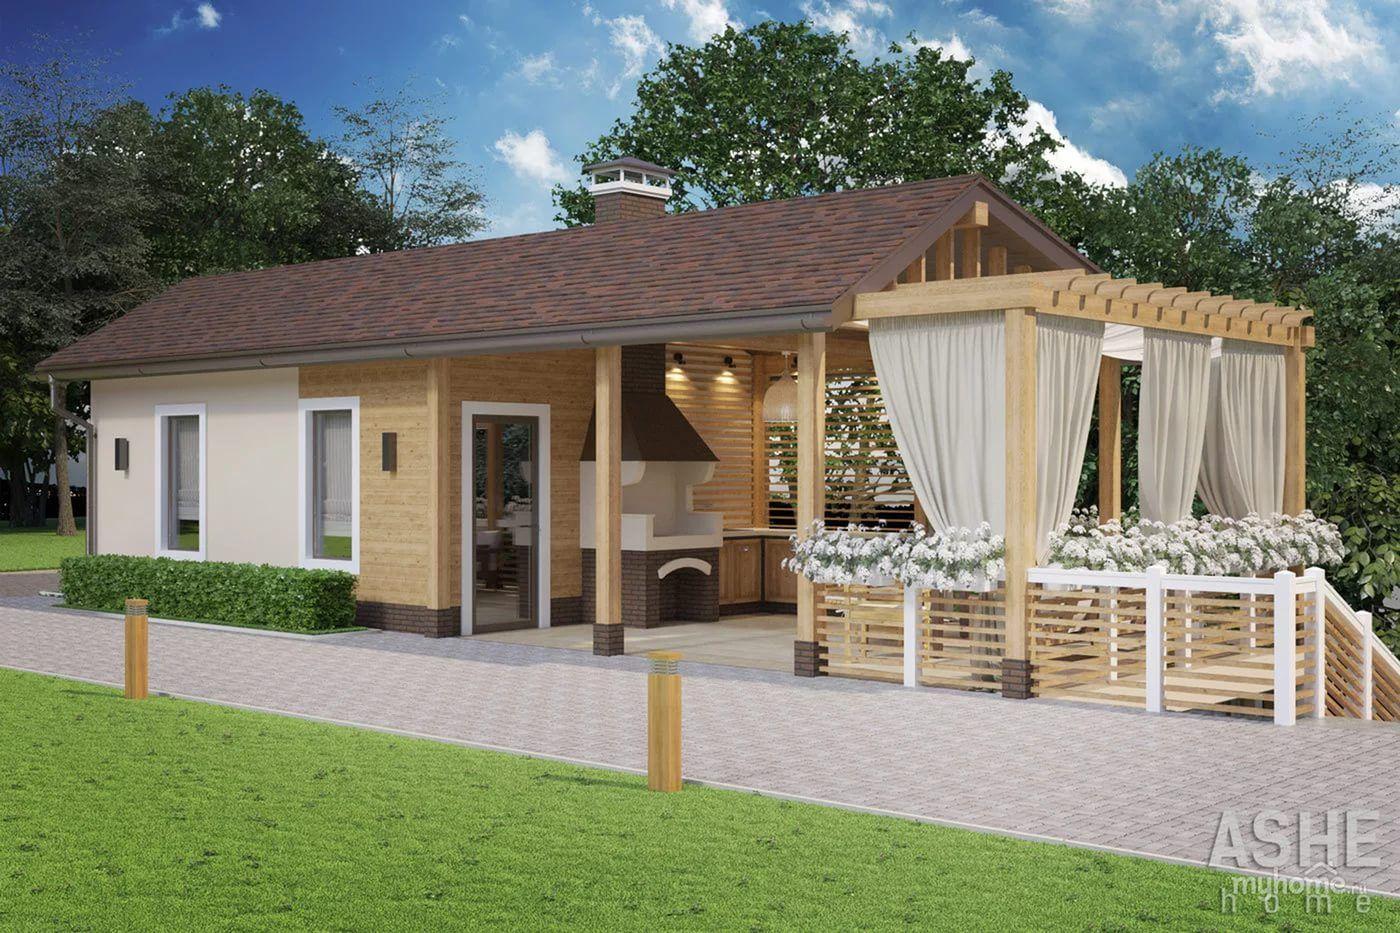 американцы увидели фото гостевого дома с сараем создается кухонный гарнитур